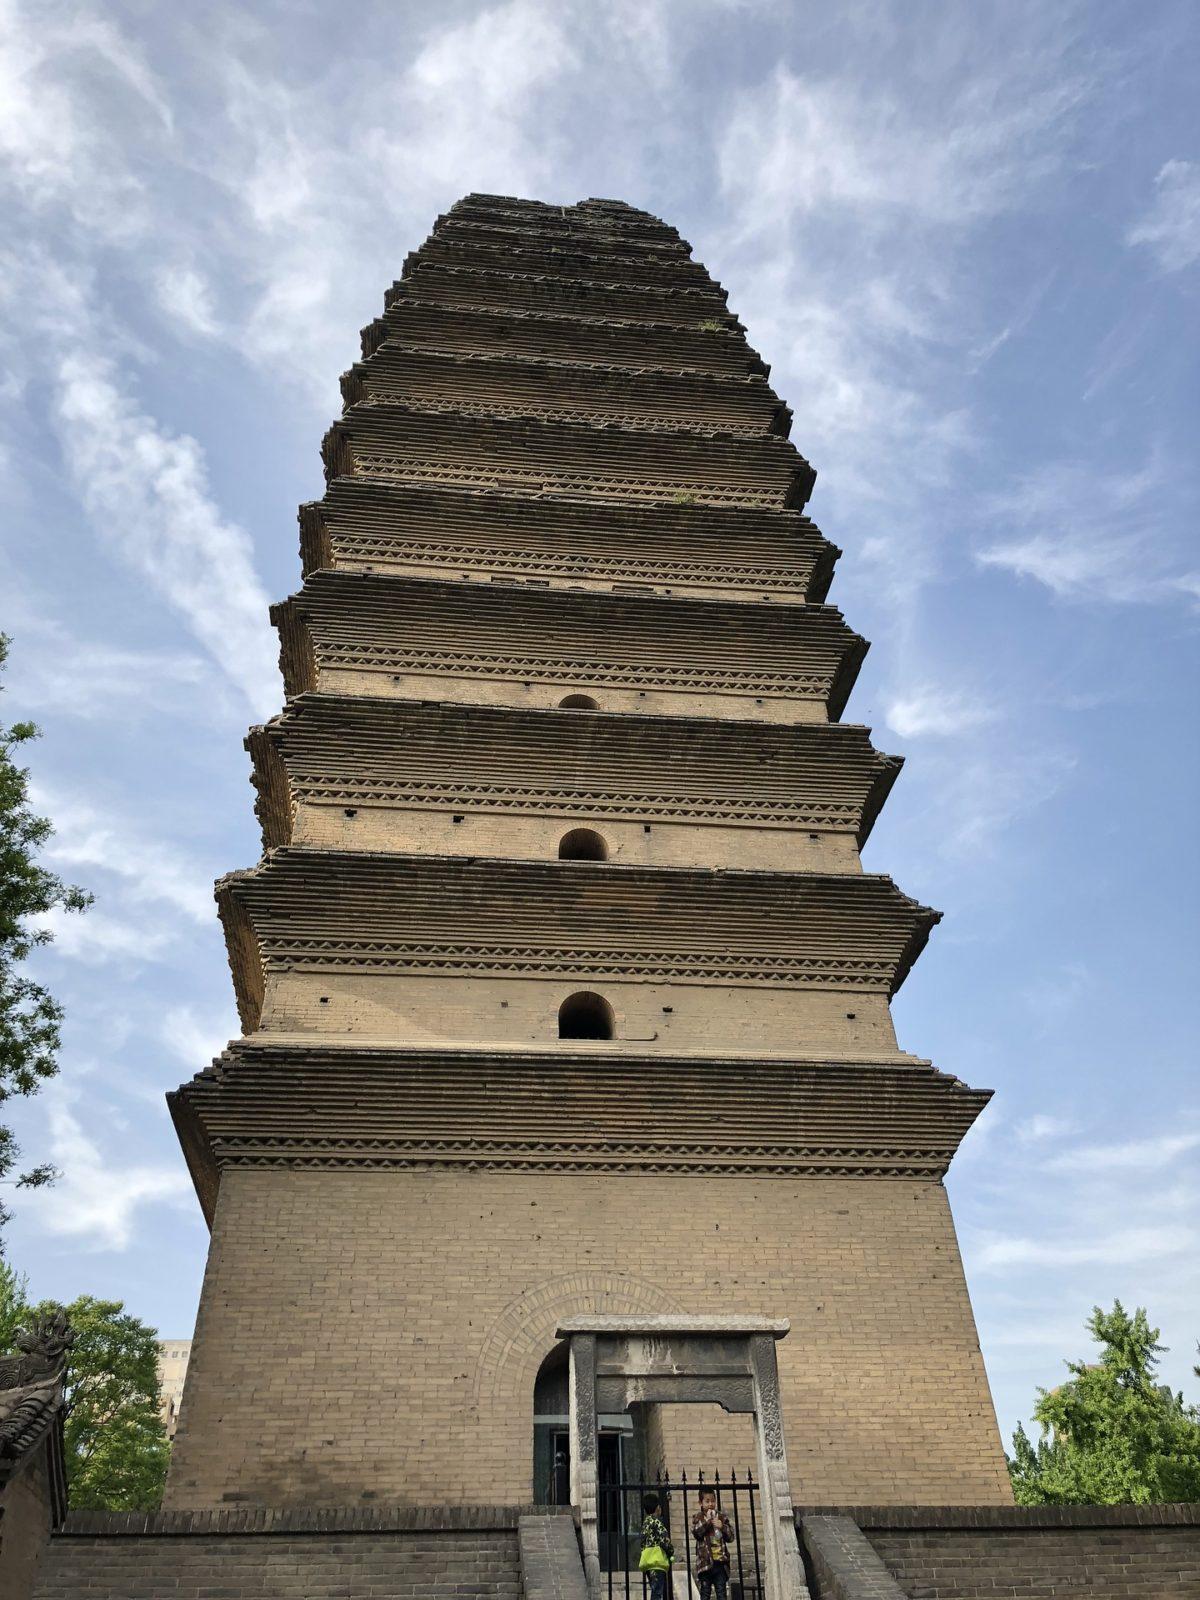 Малая пагода диких гусей, Сиань, Китай